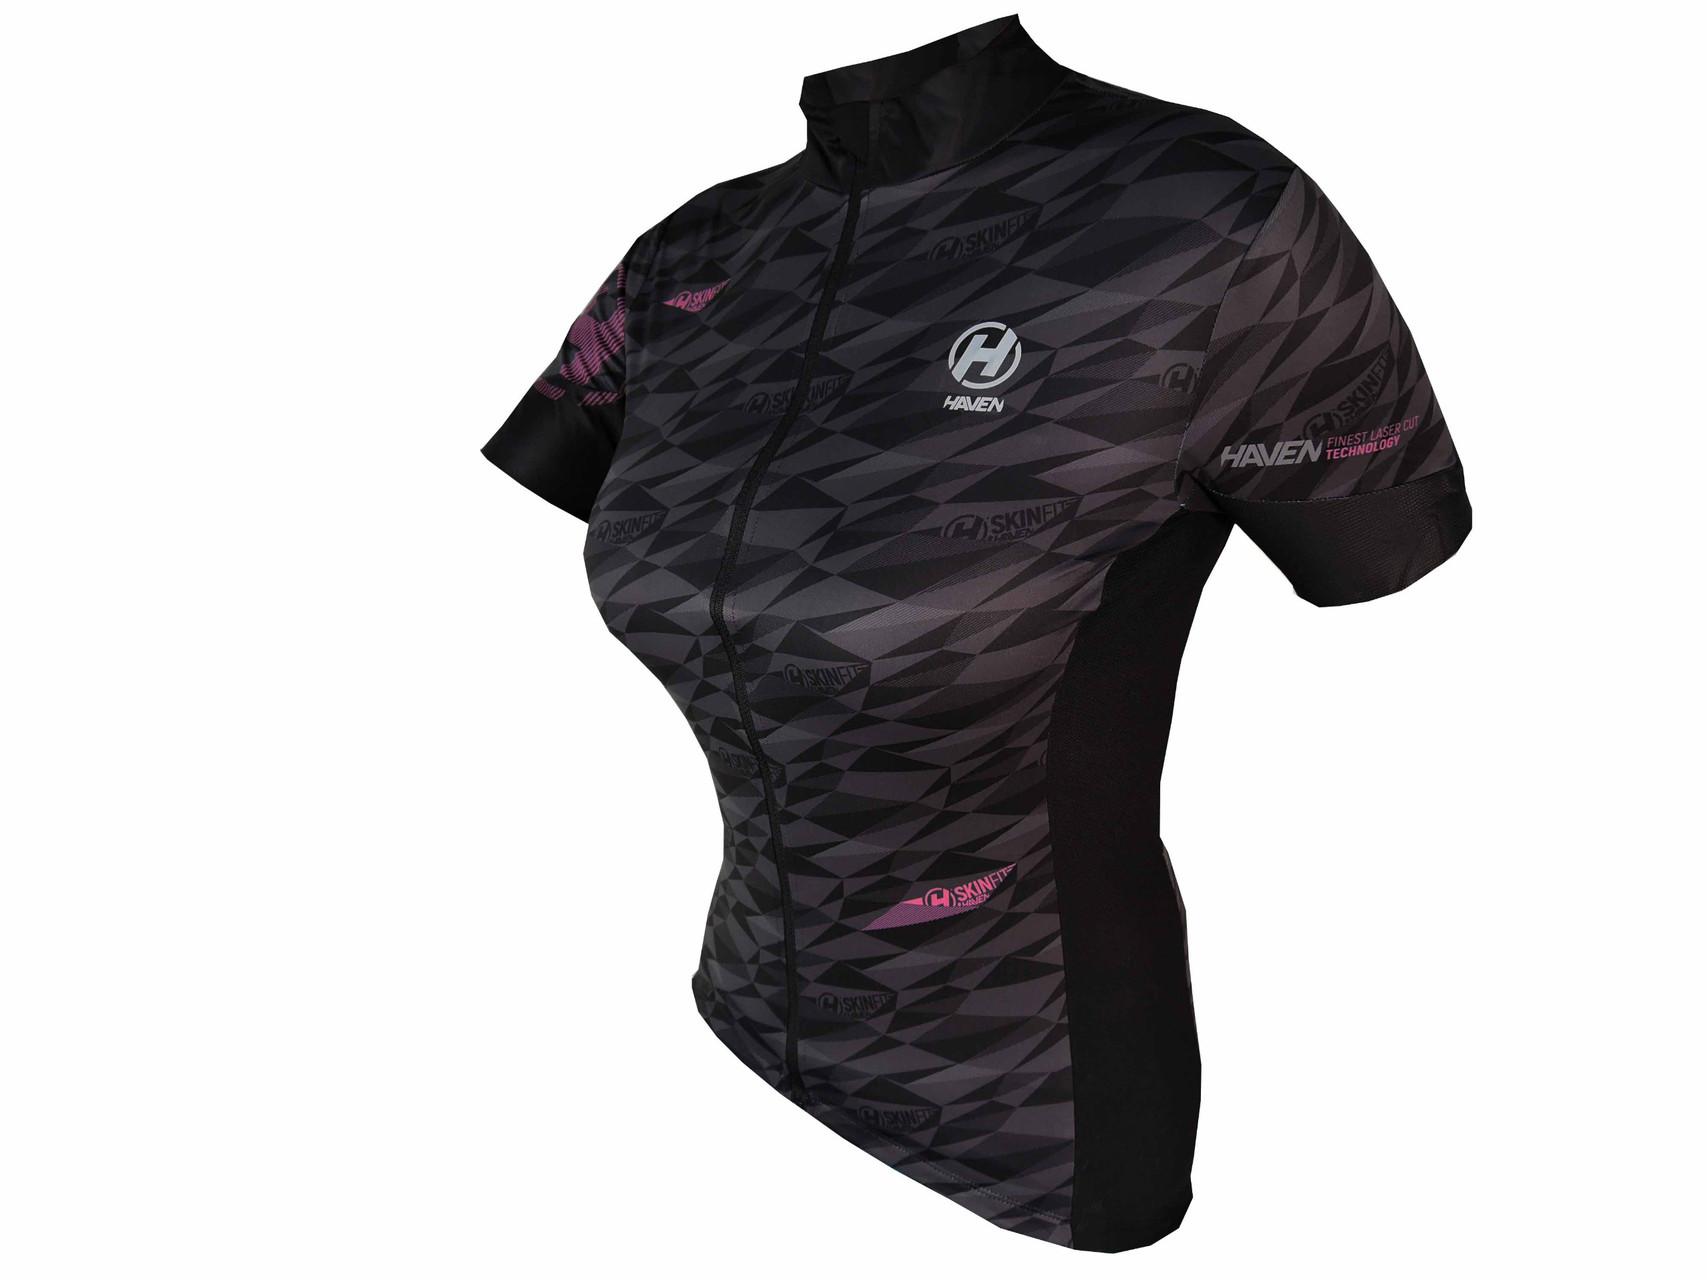 Dres HAVEN SKINFIT women, black/pink